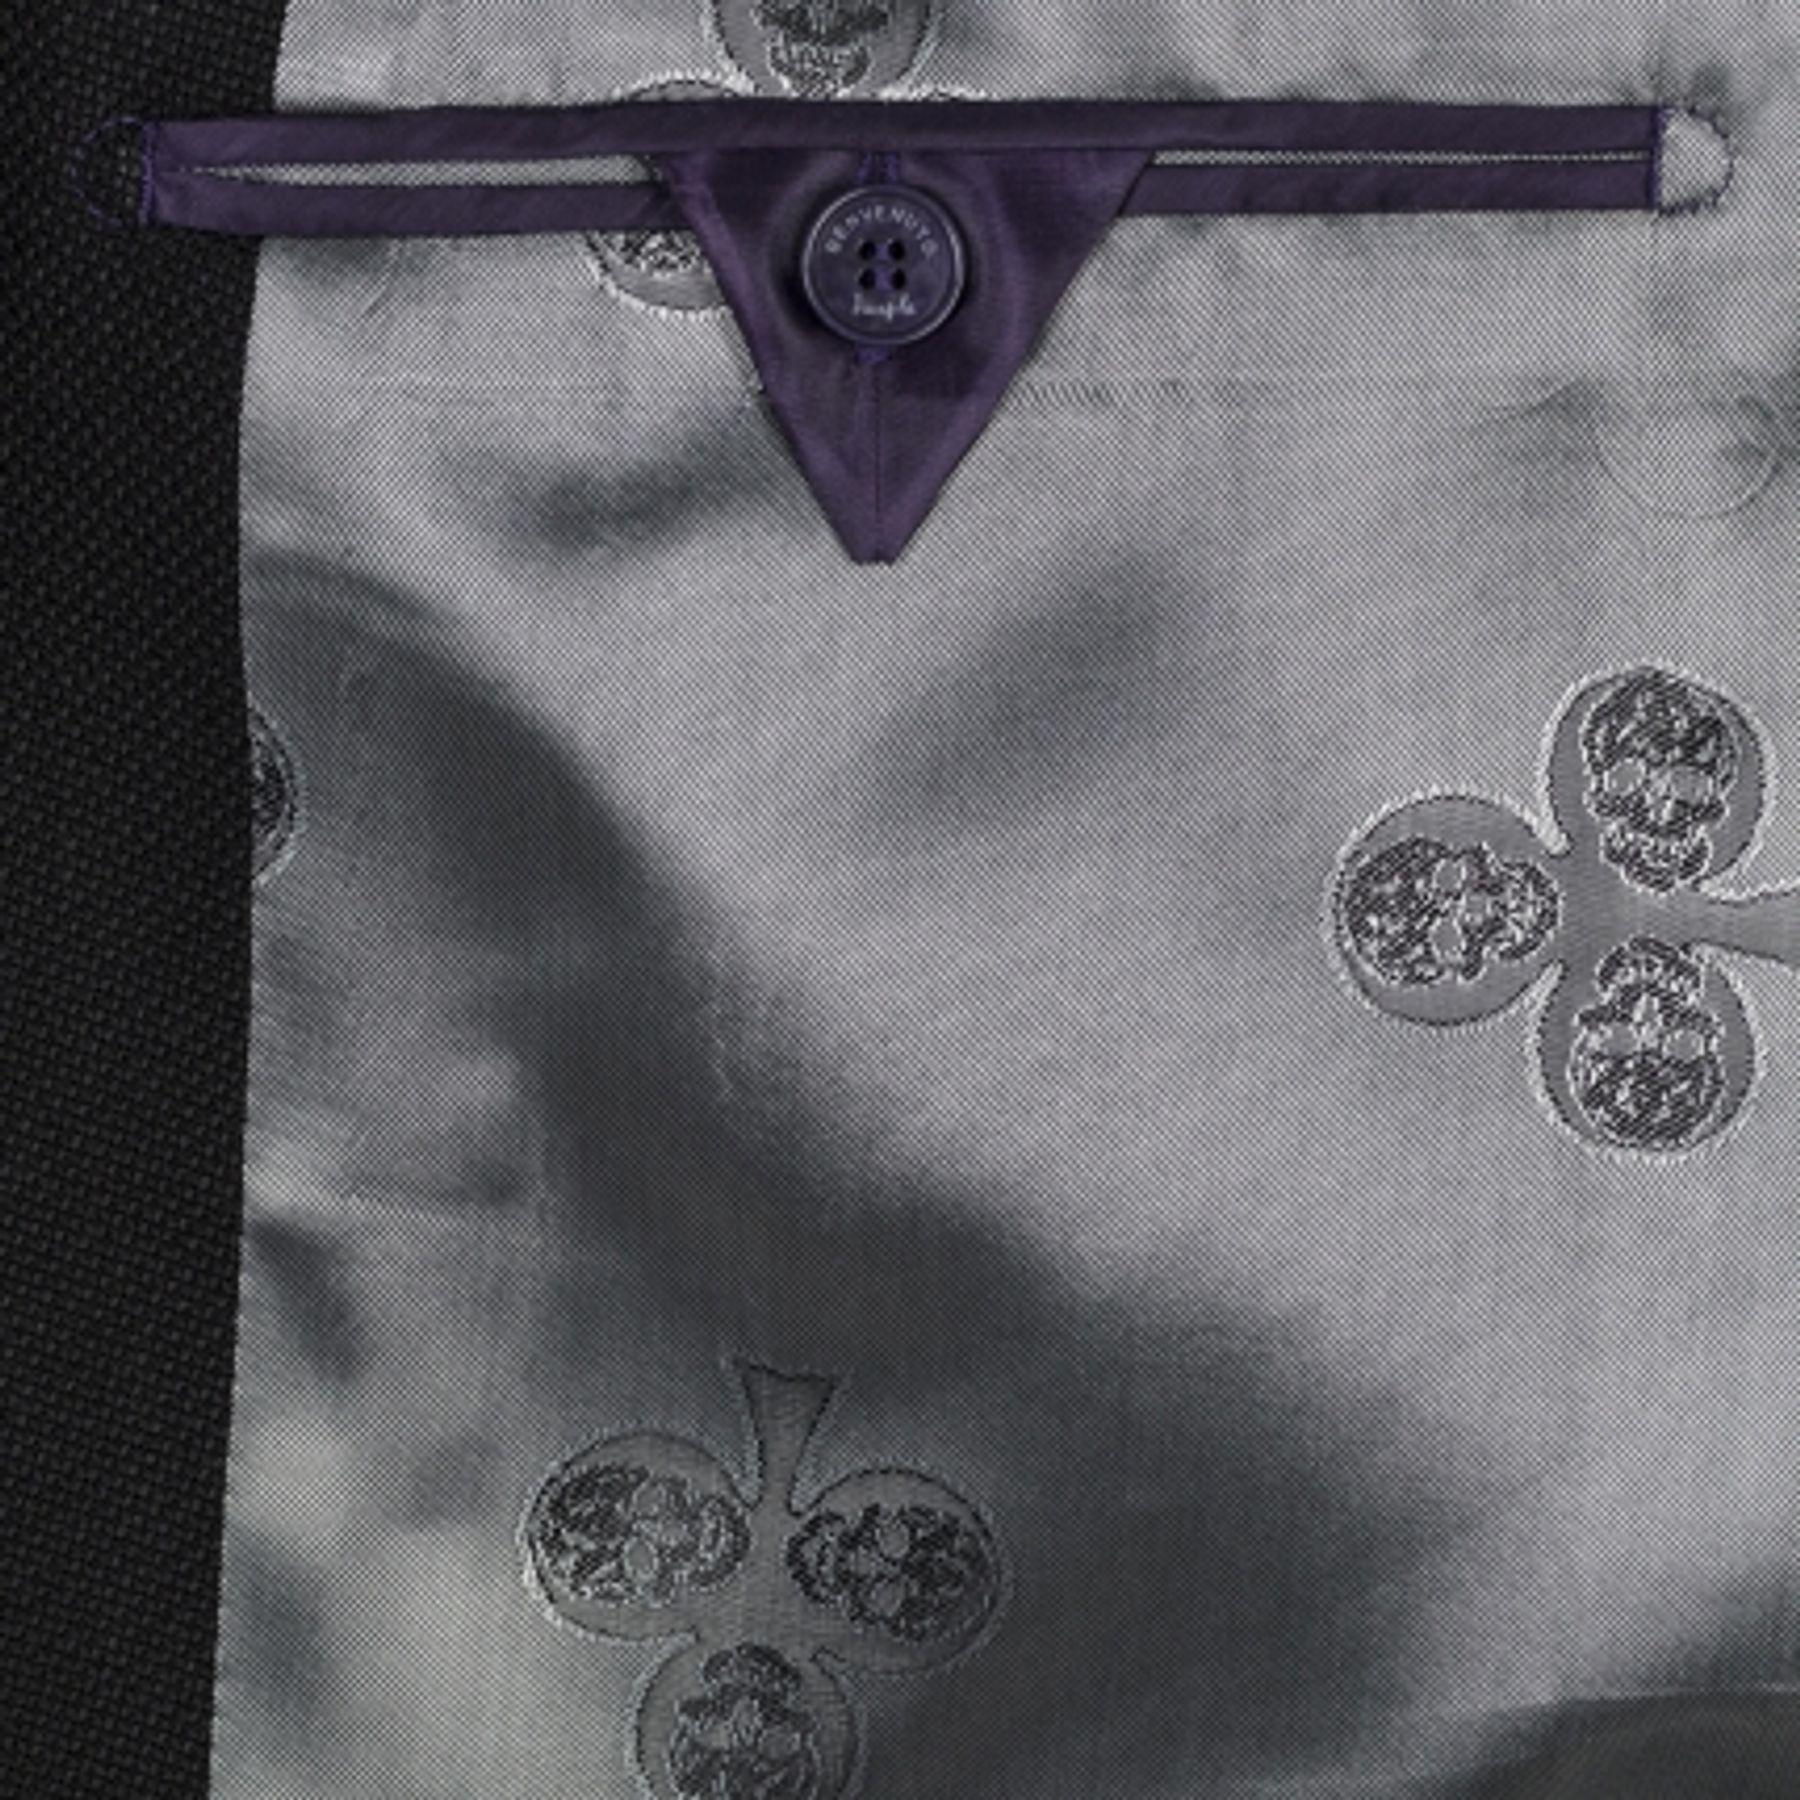 Benvenuto Purple - Slim Fit - Herren Sakko in trendiger Uni-Struktur in Schwarz, Agostino Club (20817, Modell: 61548) – Bild 6